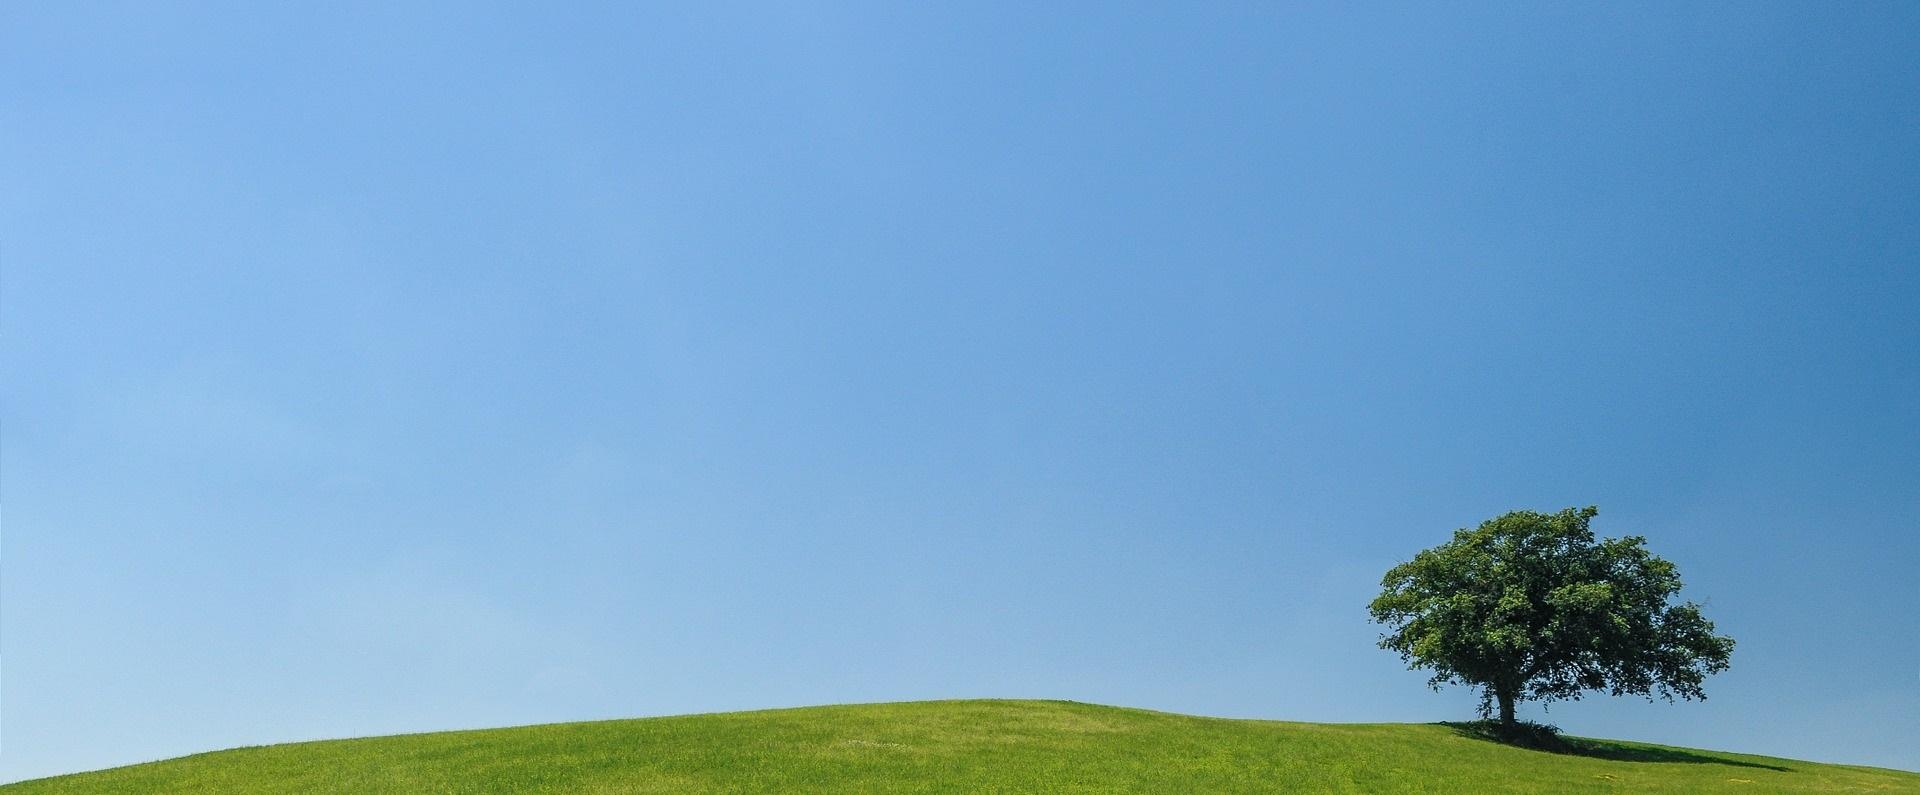 Gräsfält med ensamt, grönskande träd mot blå himmel.